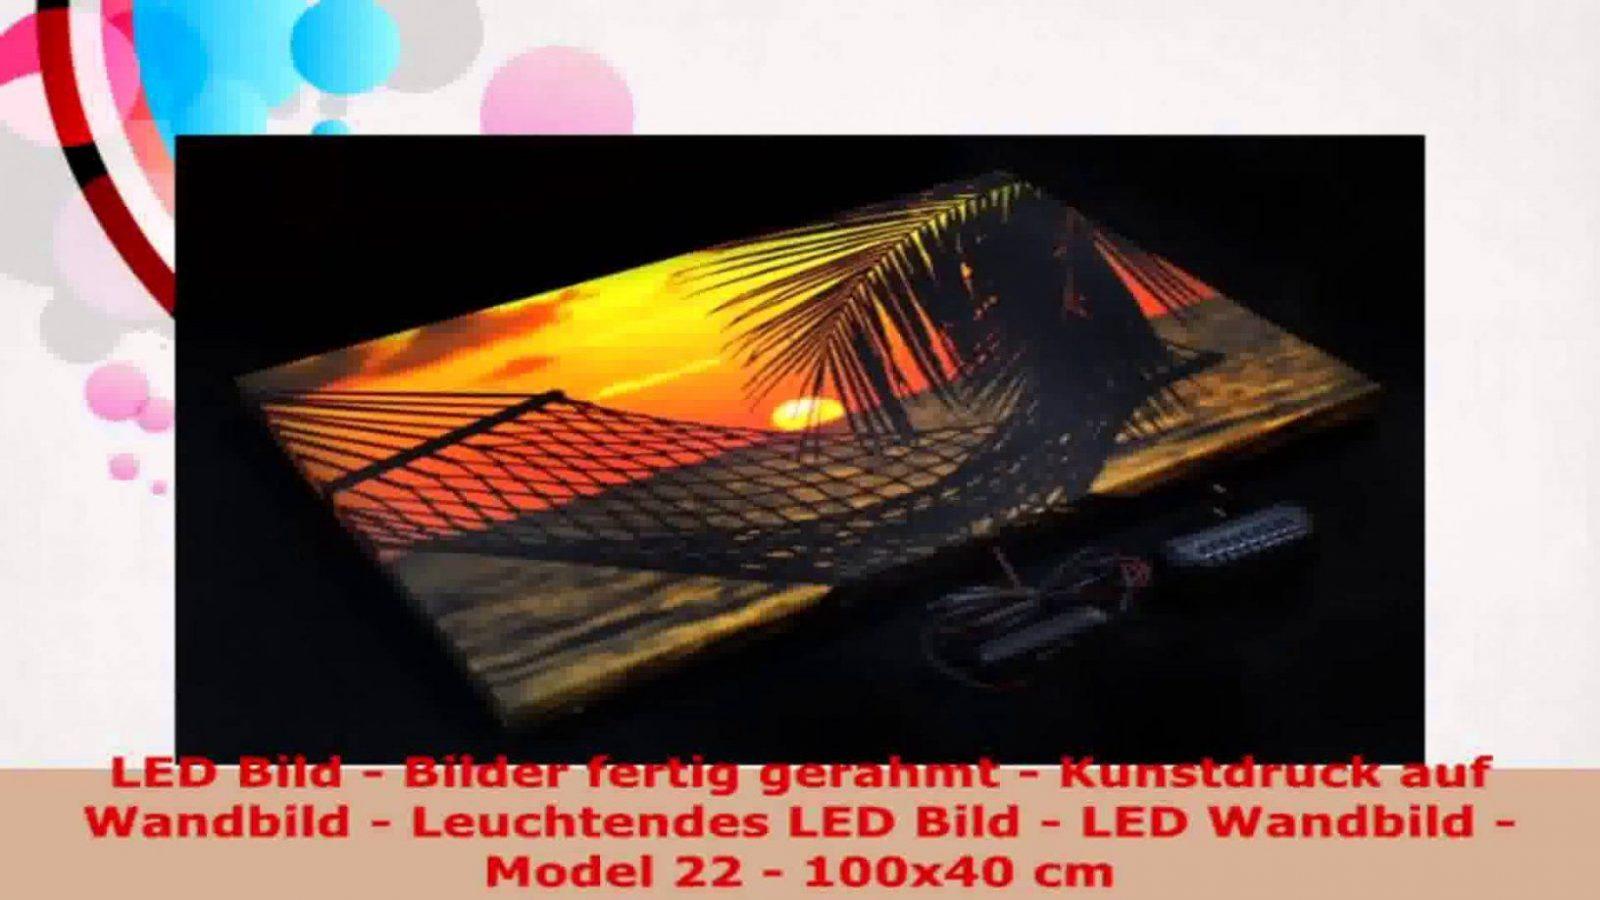 Led Bild Bilder Fertig Gerahmt Kunstdruck Auf Wandbild Leuchtendes von Led Leinwandbild Selber Machen Photo